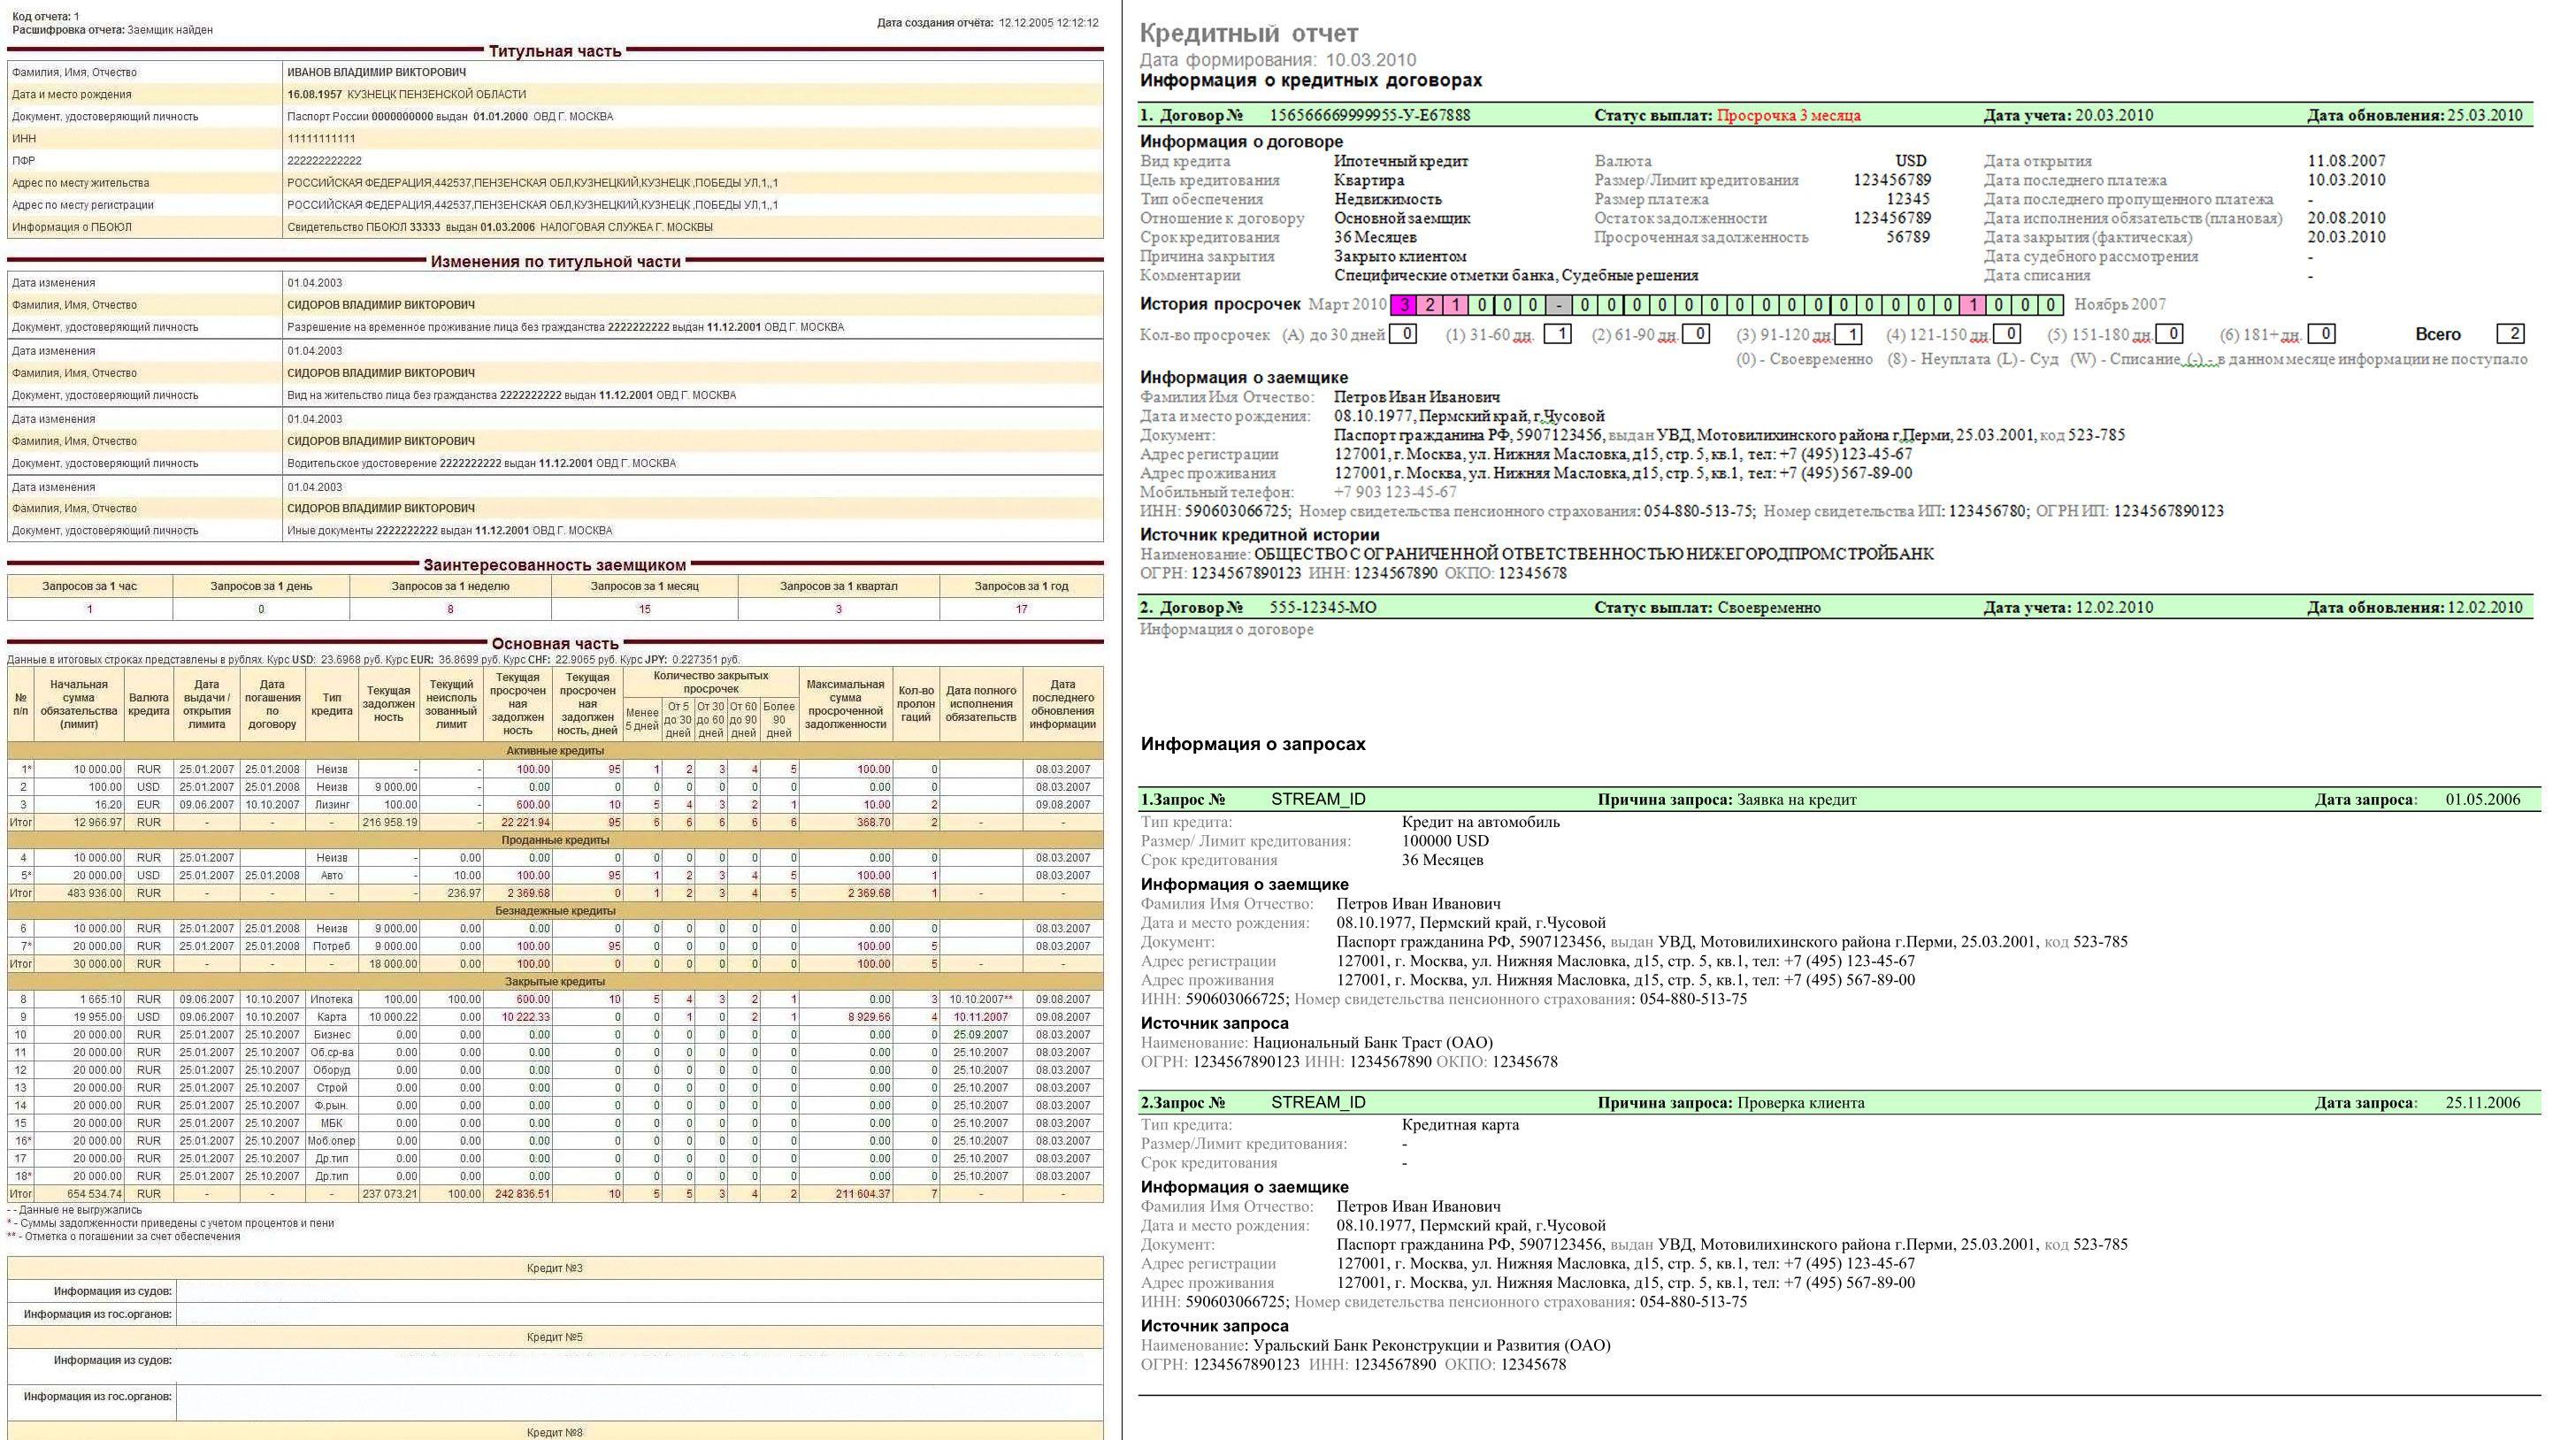 2 примера того, как выглядит кредитная история5c5b5b486a946